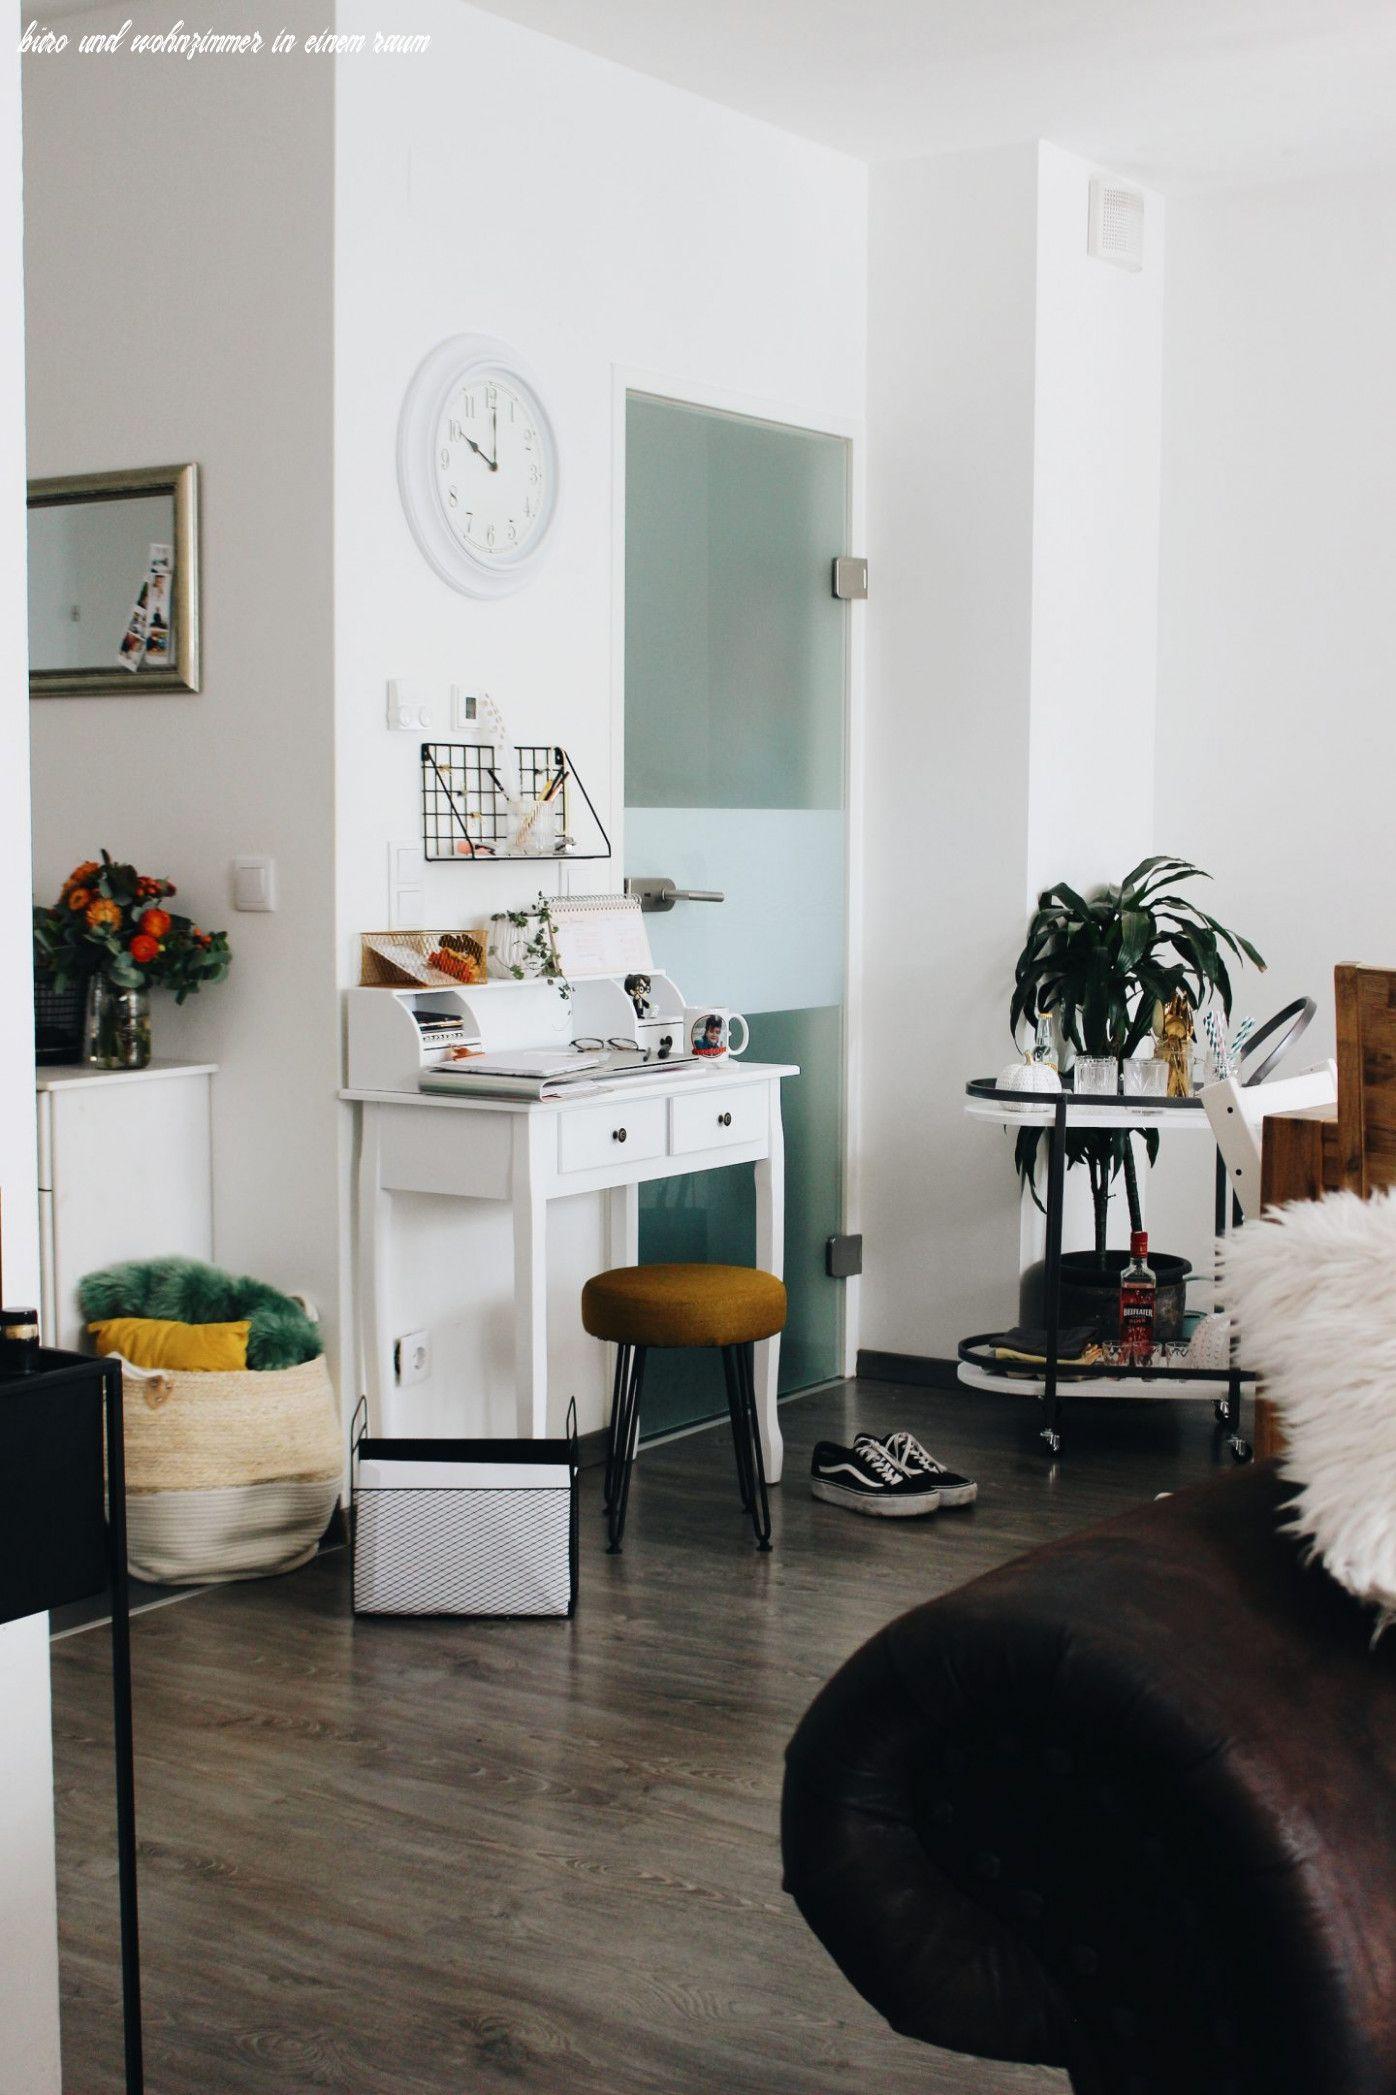 Warum Ist Büro Und Wohnzimmer In Einem Raum So Berühmt? in 7